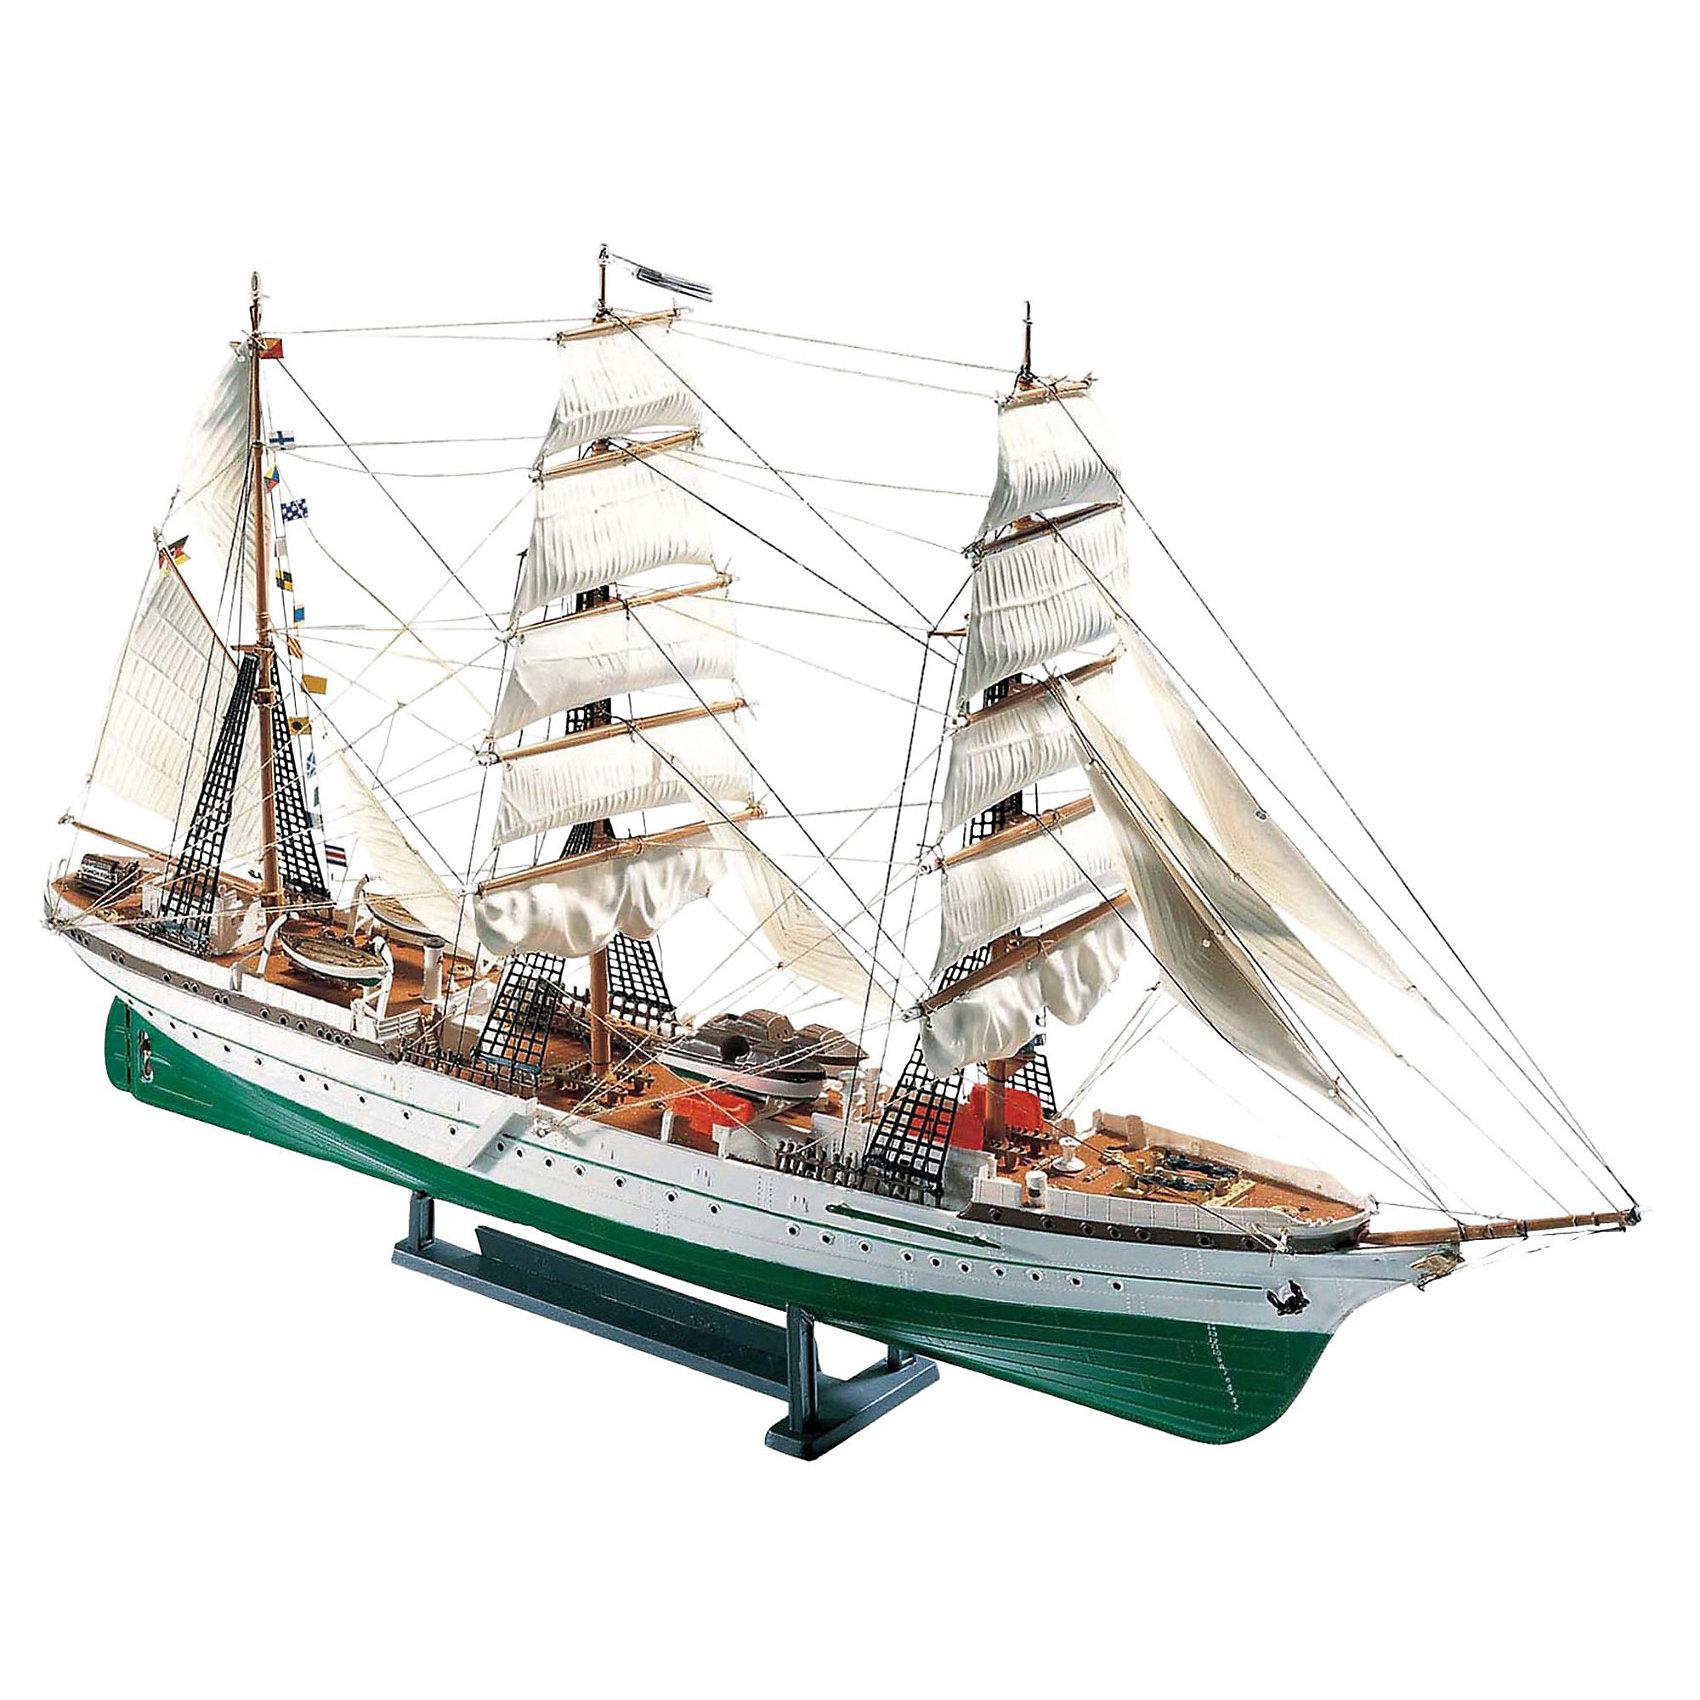 """Парусник Gorch Fock, 1:253, (4)Модели для склеивания<br>Модель немецкого парусного барка Gorch Fock. Корабль был построен на вервях Гамбурга для ВМС Германии в 1933 году. Судно было названо в честь немецкого писателя Ганса Кинау, который подписывал свои произведения псевдонимом Горх Фок. Начиная с 1934 барк использовался как учебный корабль. Он совершал рейсов по Балтике и Северному морю, а также через Атлантику. В постоянную команду входило 60 человек, Кроме того к судну были приписаны 180 кадетов. Во время Второй мировой Gorch Fock служил плавучей канцелярией и общежитием для моряков. К концу войны, в апреле 1945 после обстрела корабля с берега корабль был подорван и затоплен собственным экипажем. После войны барк по договору о репарациях отошел к СССР. После распада Советского Союза вошел в состав флота Украины. В 2003 общество """"Tall-Ship Friends"""" выкупило судно у министерства образования Украины и вернуло его в первый порт приписки – порт города Штральзунд. С 2005 года барк в качестве плавучего музея размещен в гавани города. <br>Масштаб: 1:253 <br>Количество деталей: 138 <br>Длина модели: 392 мм <br>Высота мачты: 237 мм <br>ВНИМАНИЕ: Клей, краски и кисточки приобретаются отдельно.<br><br>Ширина мм: 387<br>Глубина мм: 251<br>Высота мм: 73<br>Вес г: 378<br>Возраст от месяцев: 168<br>Возраст до месяцев: 228<br>Пол: Мужской<br>Возраст: Детский<br>SKU: 1772882"""